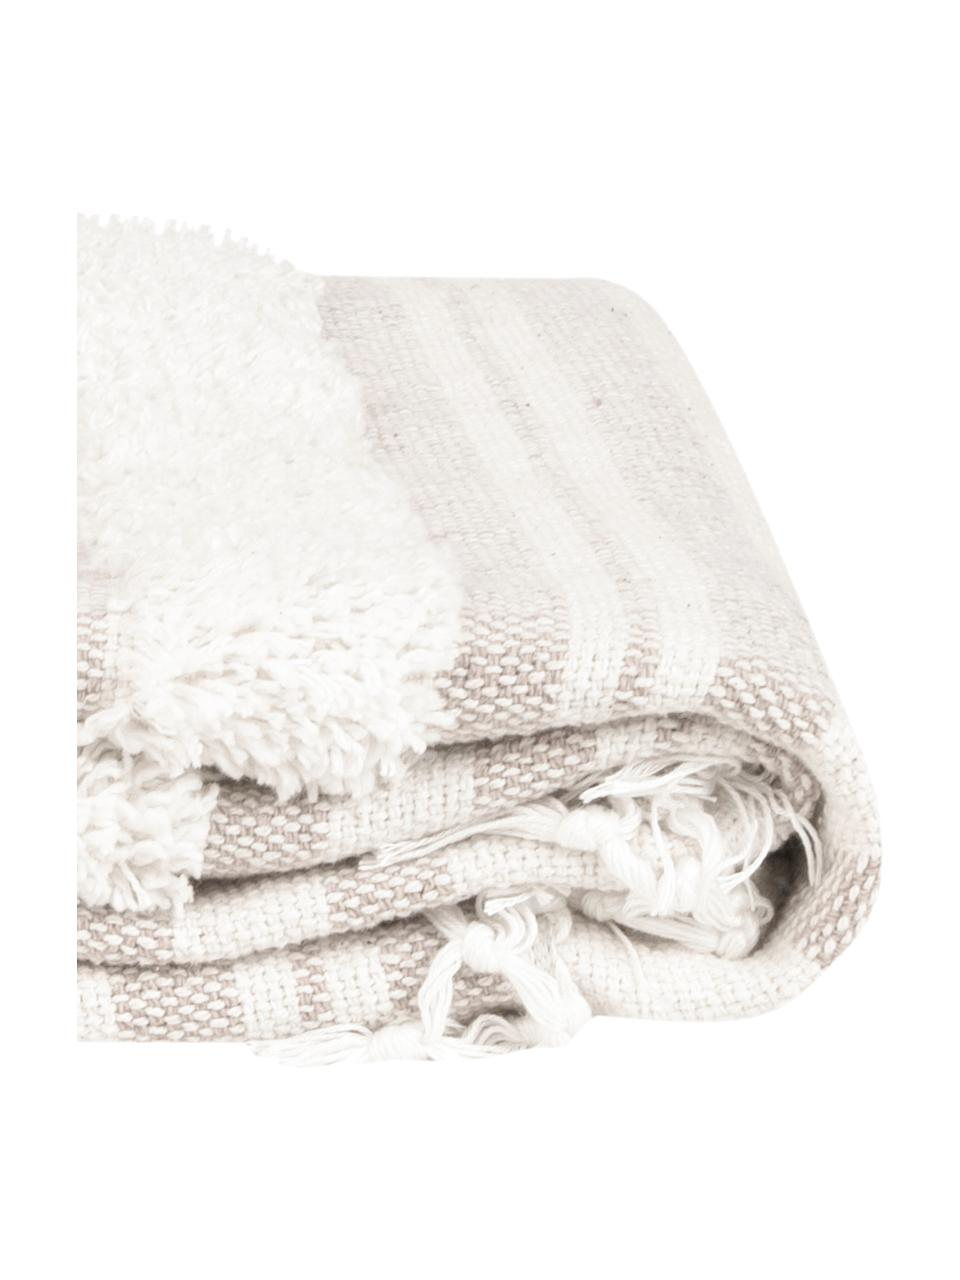 Baumwolldecke Nara mit Fransen in Creme/Beige, 100% Baumwolle, Cremeweiß, Beige, 130 x 170 cm